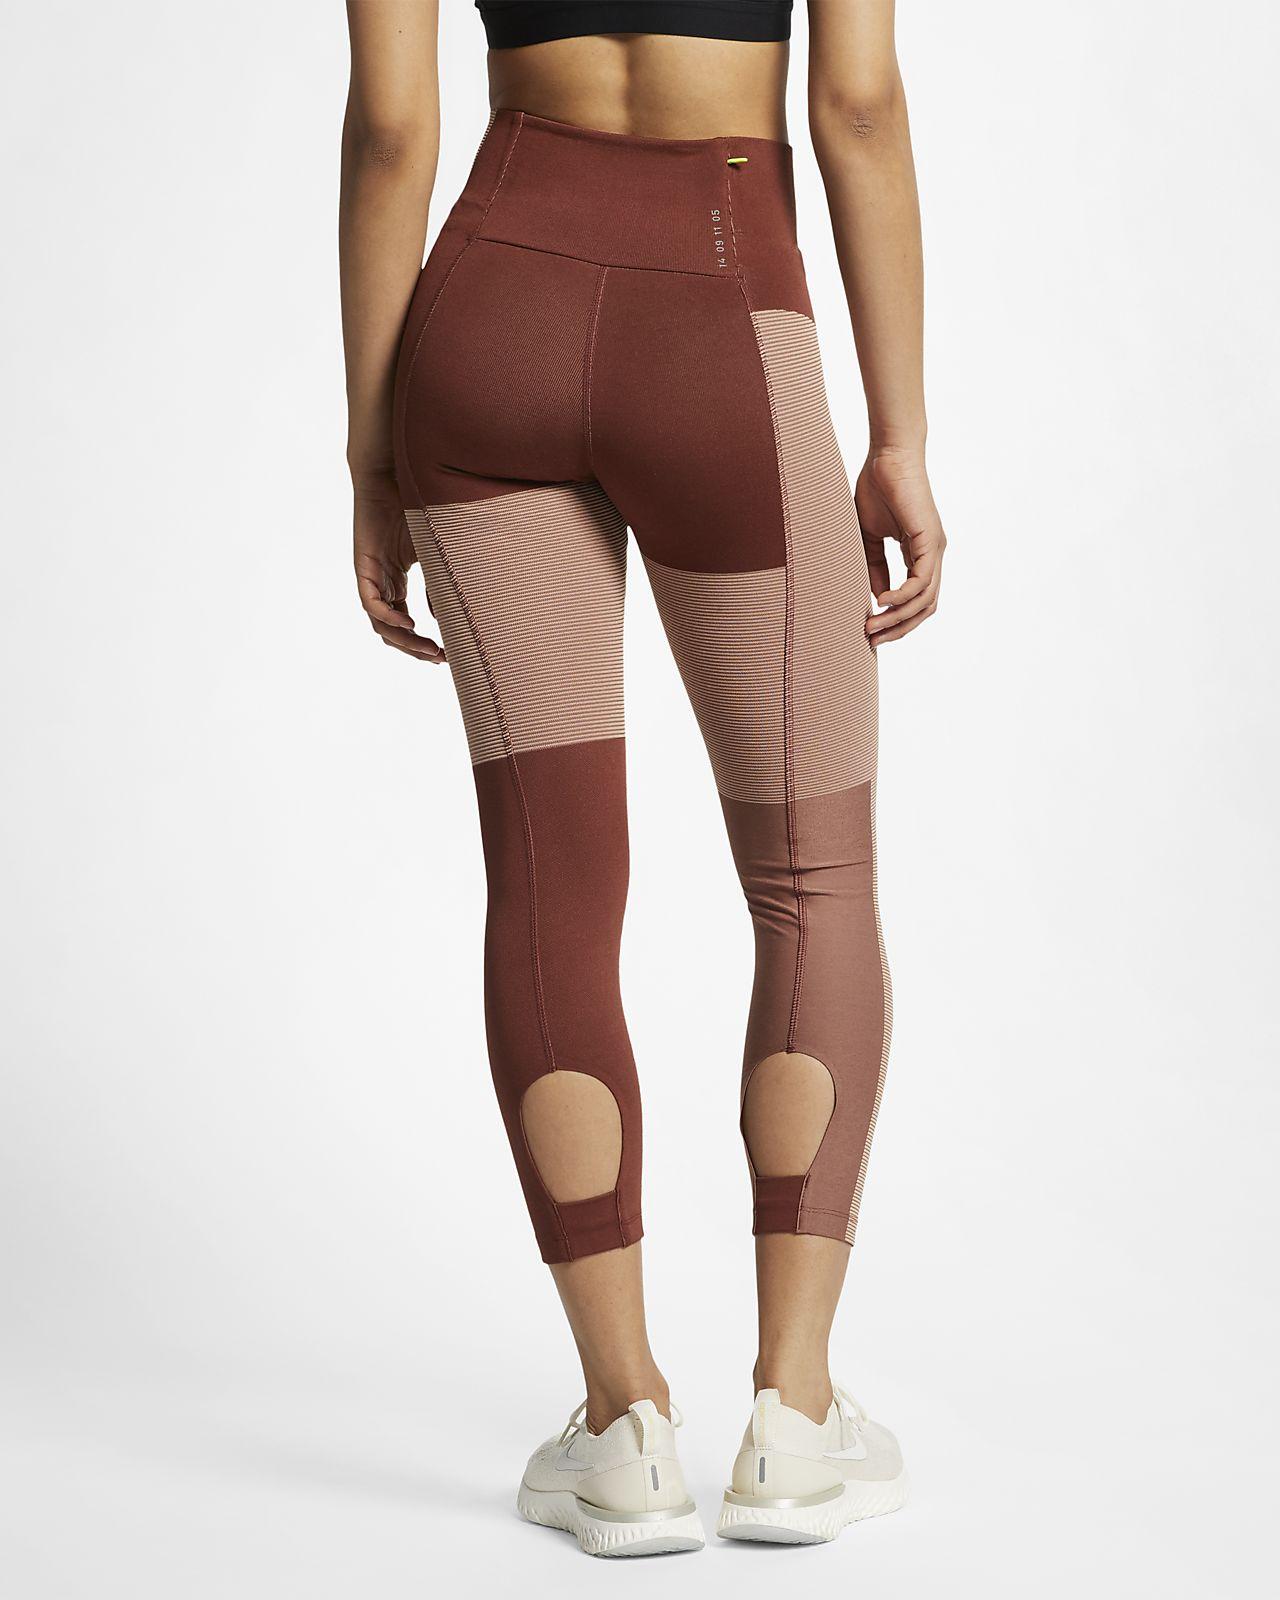 c2cdf184e6949 Nike Tech Pack Women's Running Crop. Nike.com GB